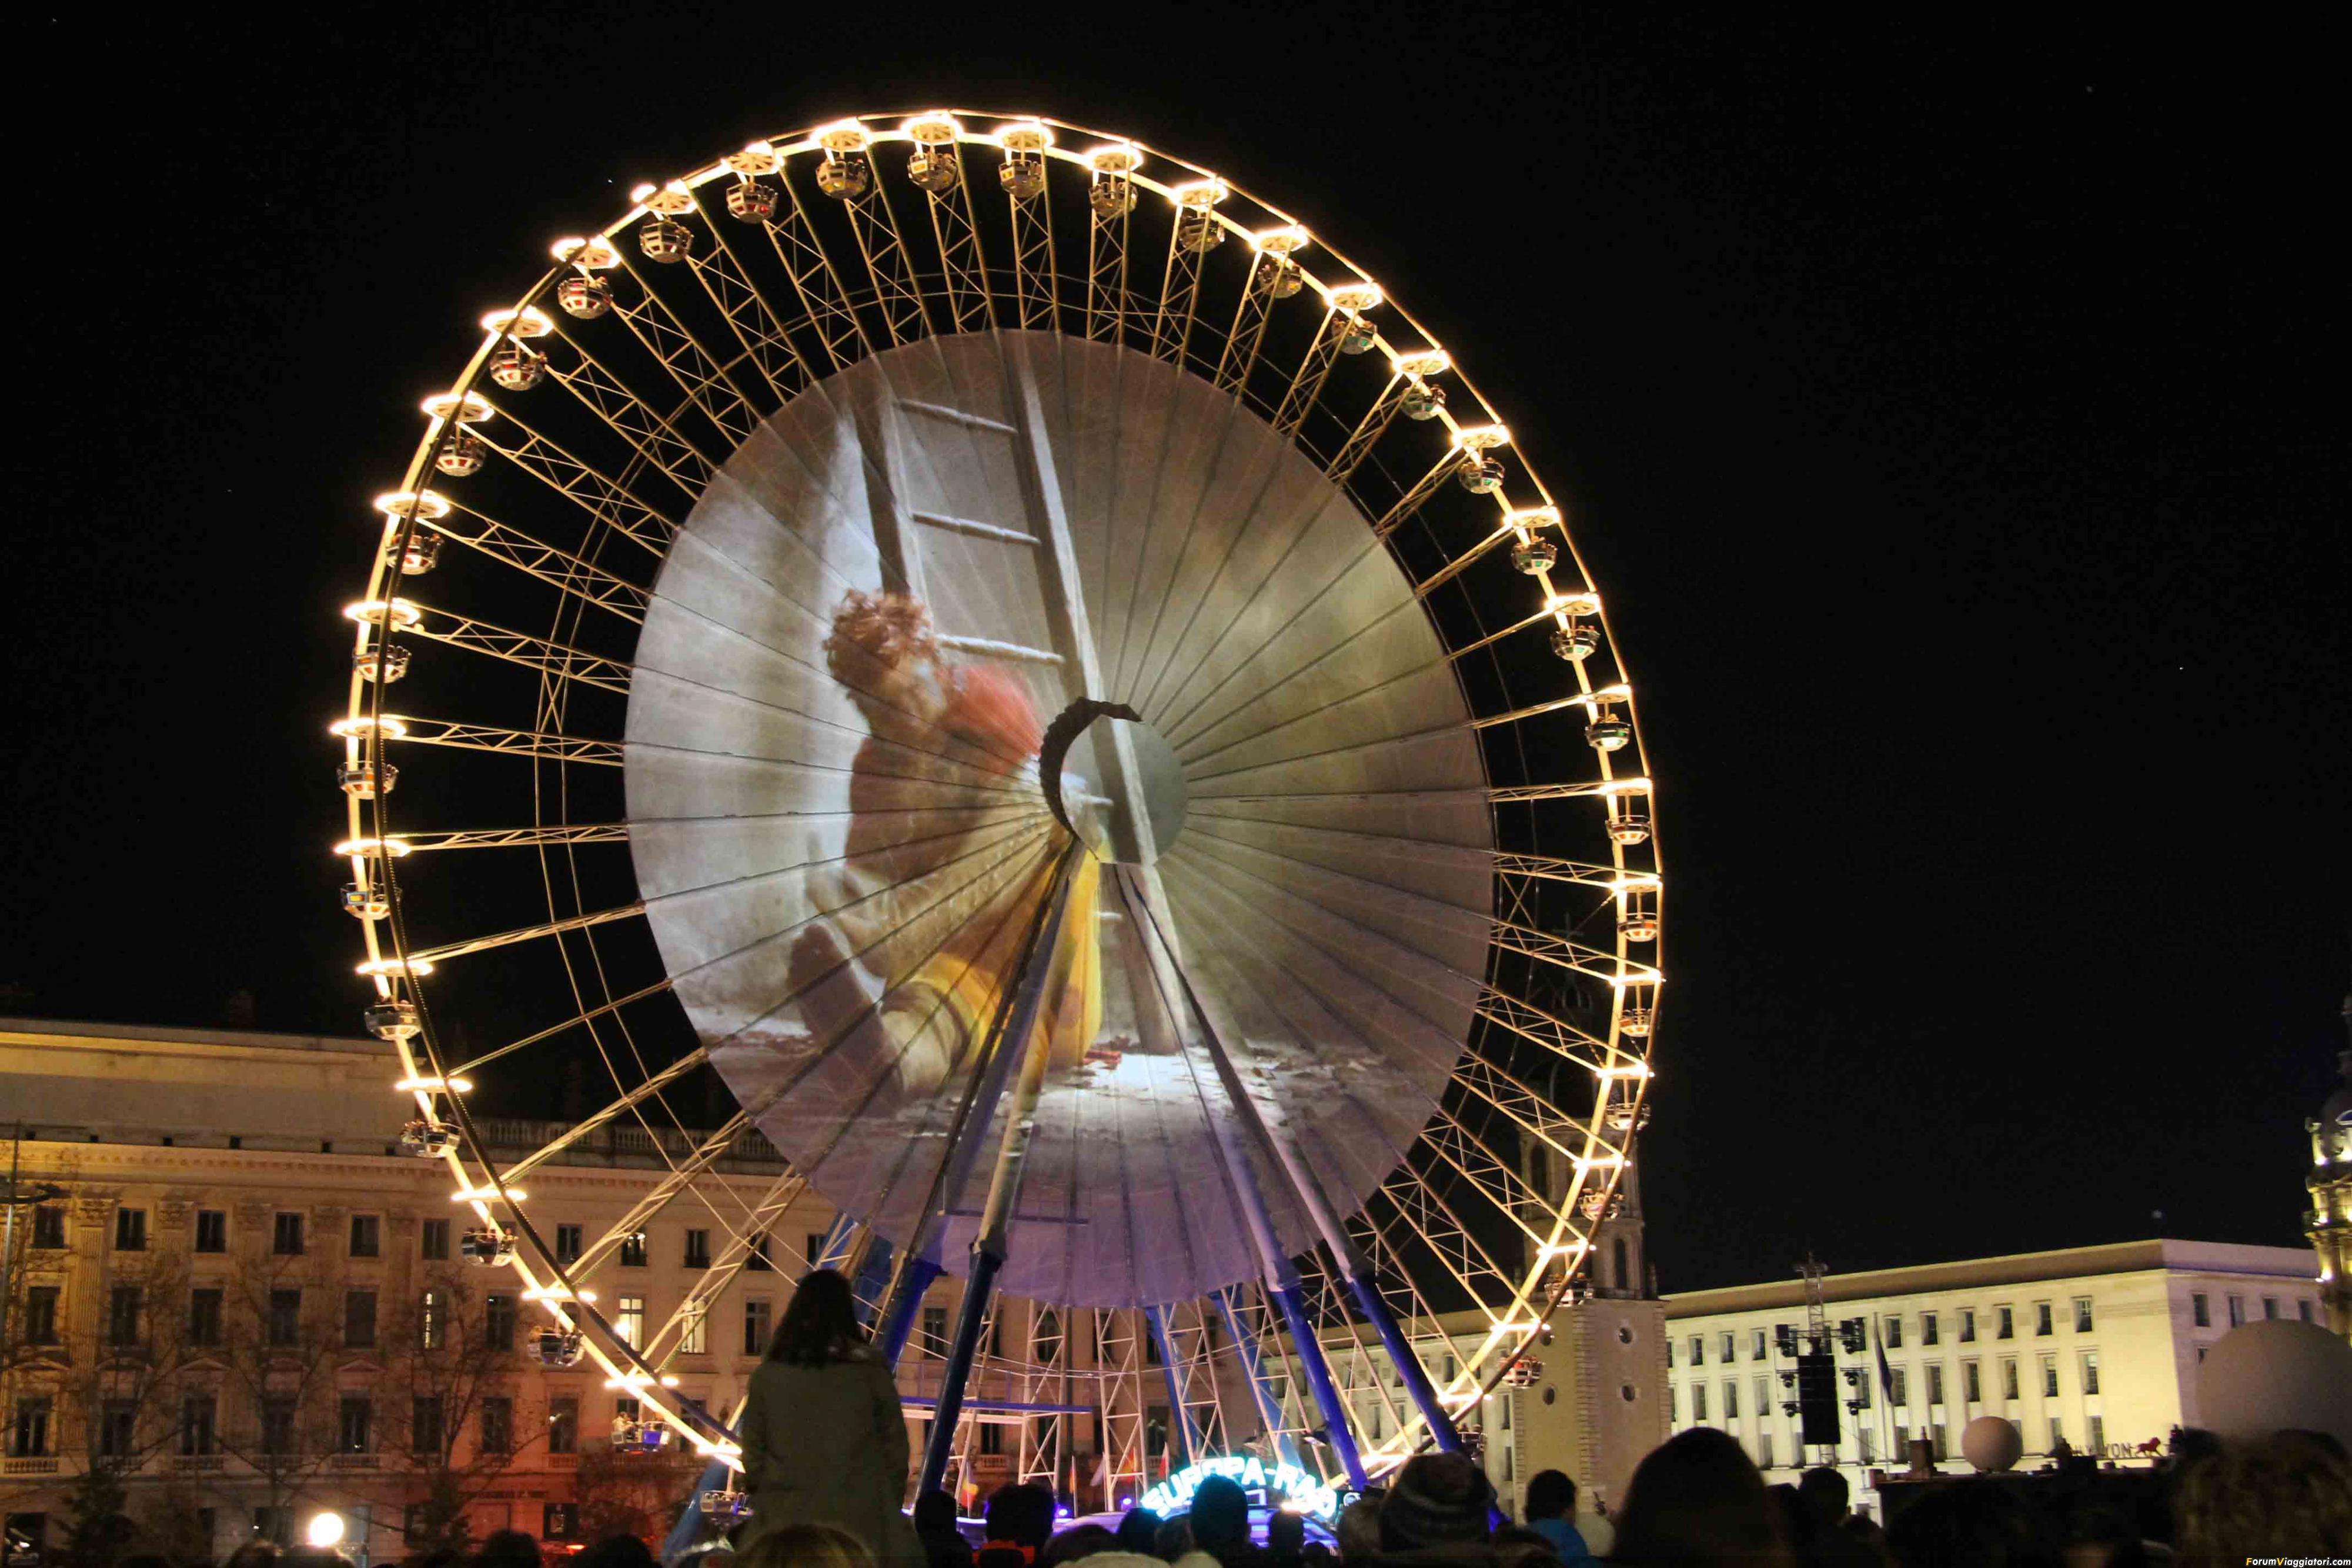 Lione - Festa delle luci